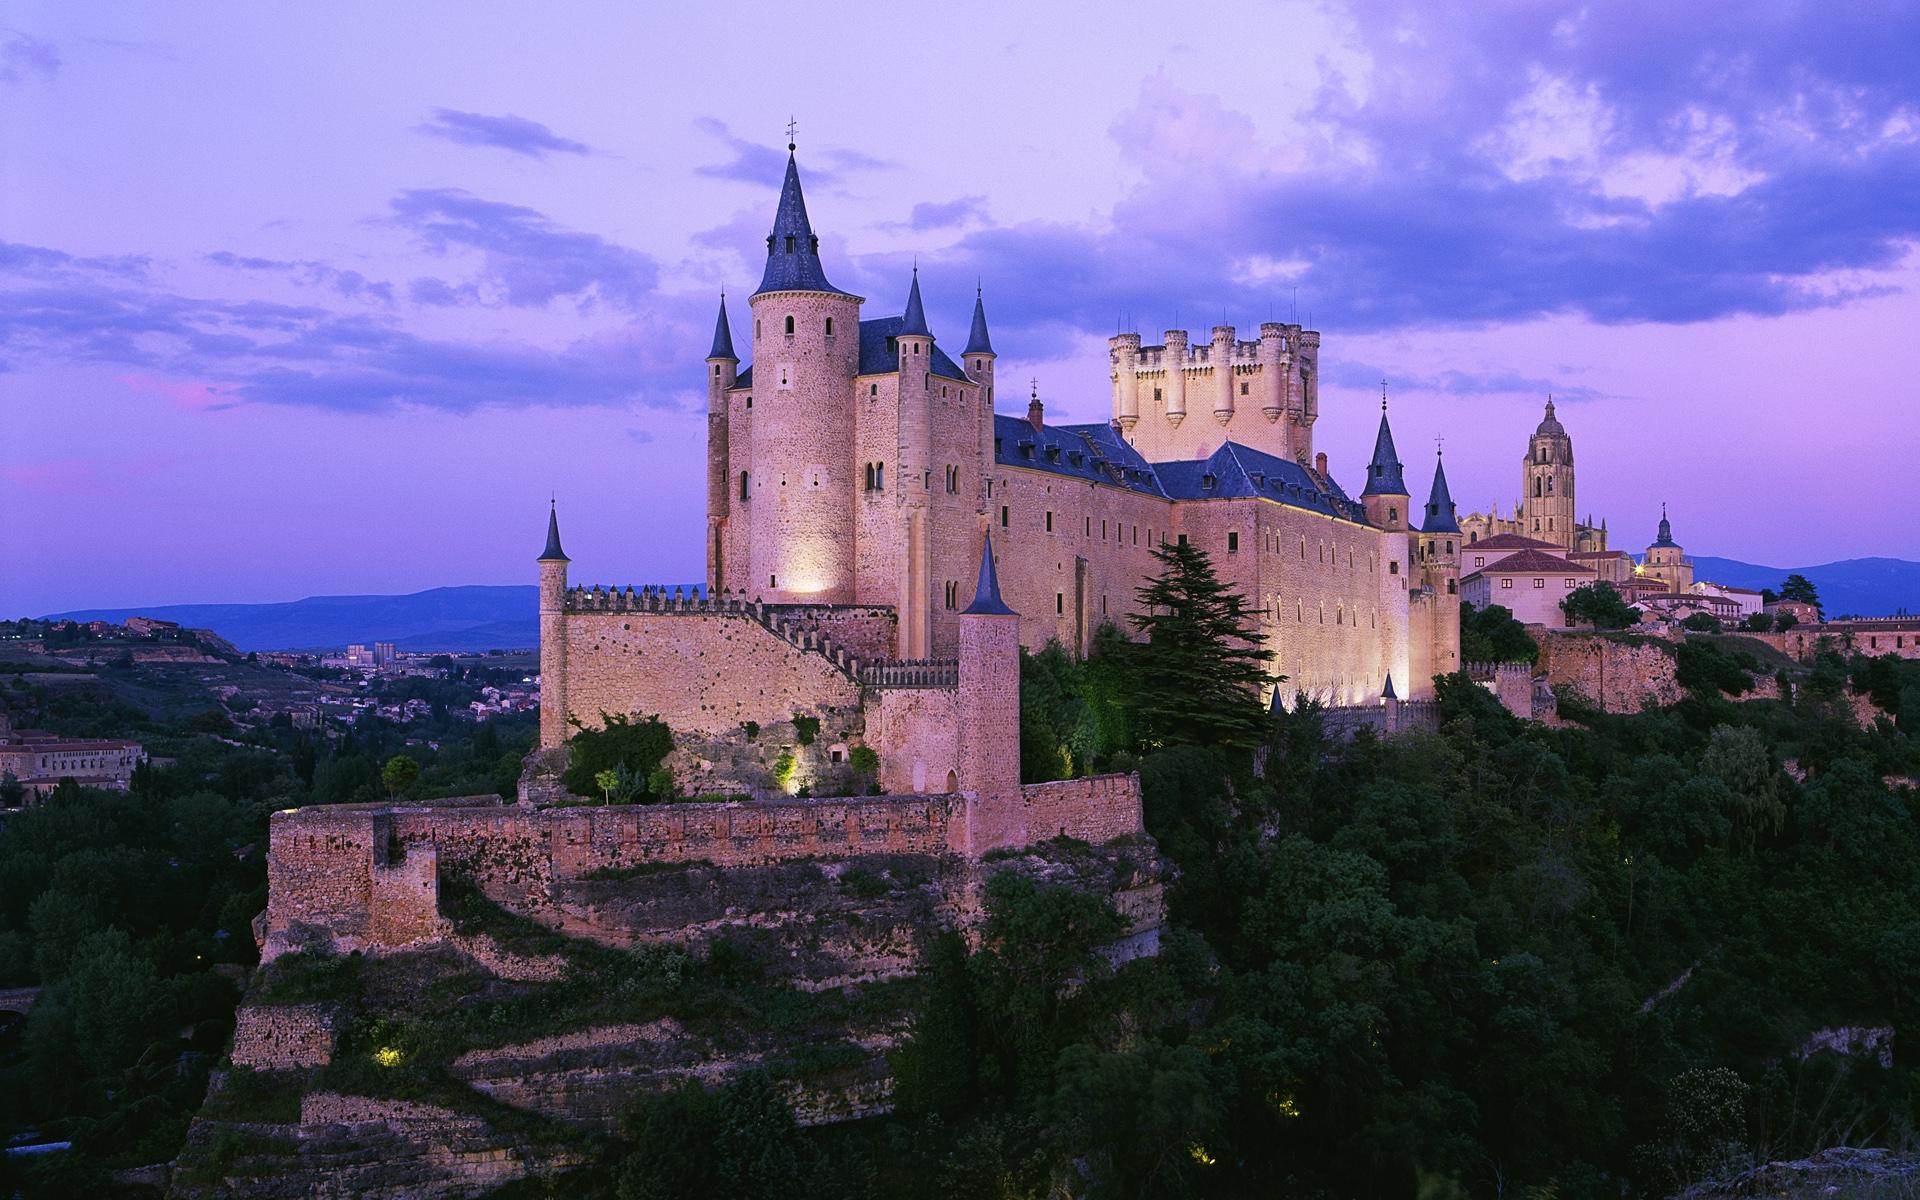 题复古风 欧洲城堡 Windows 主题屋